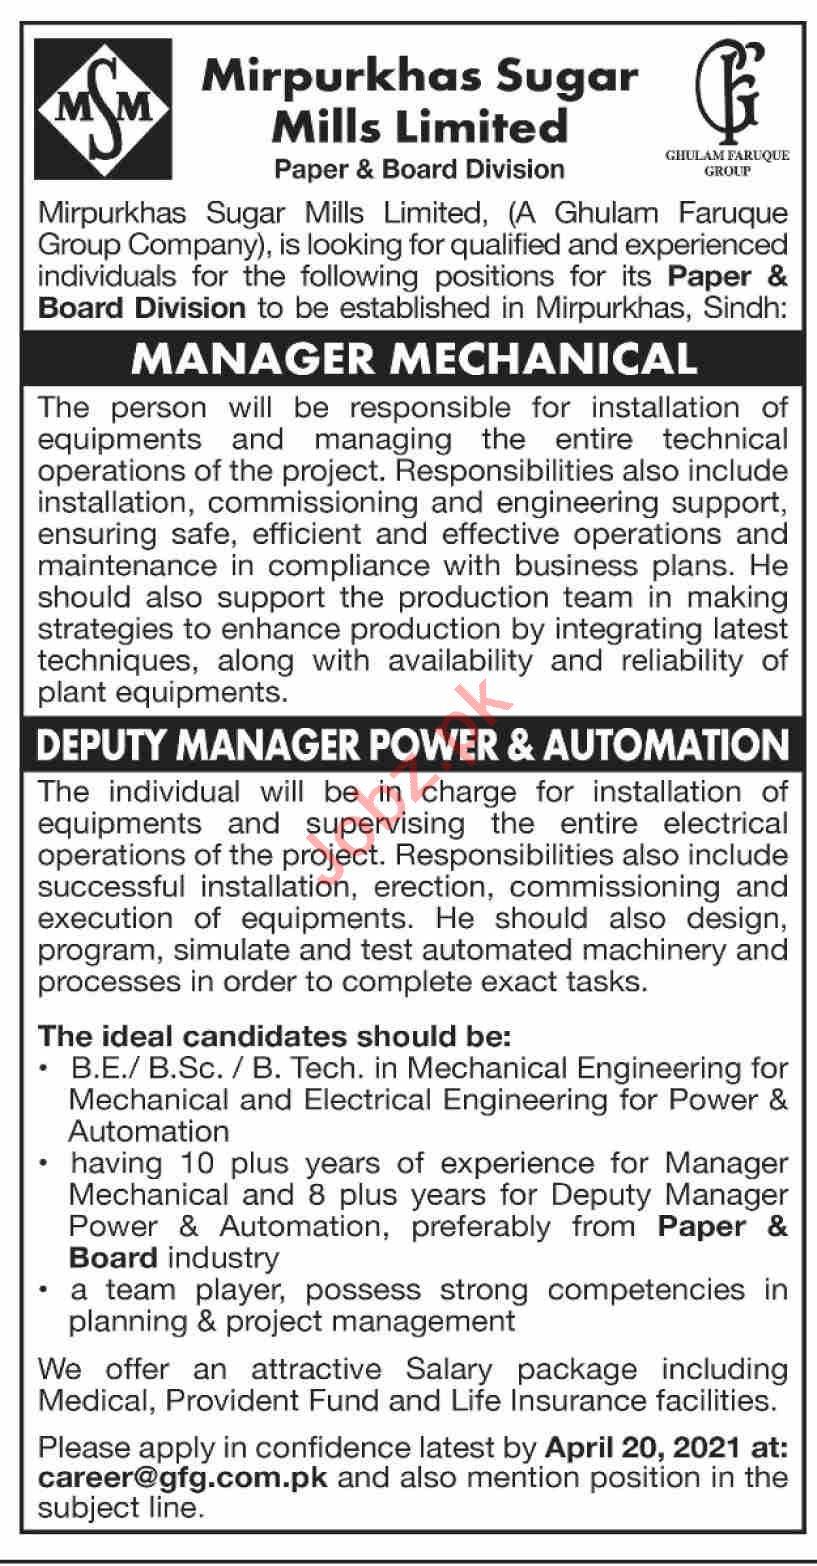 Mirpurkhas Sugar Mills MSM Jobs 2021 for Manager Mechanical